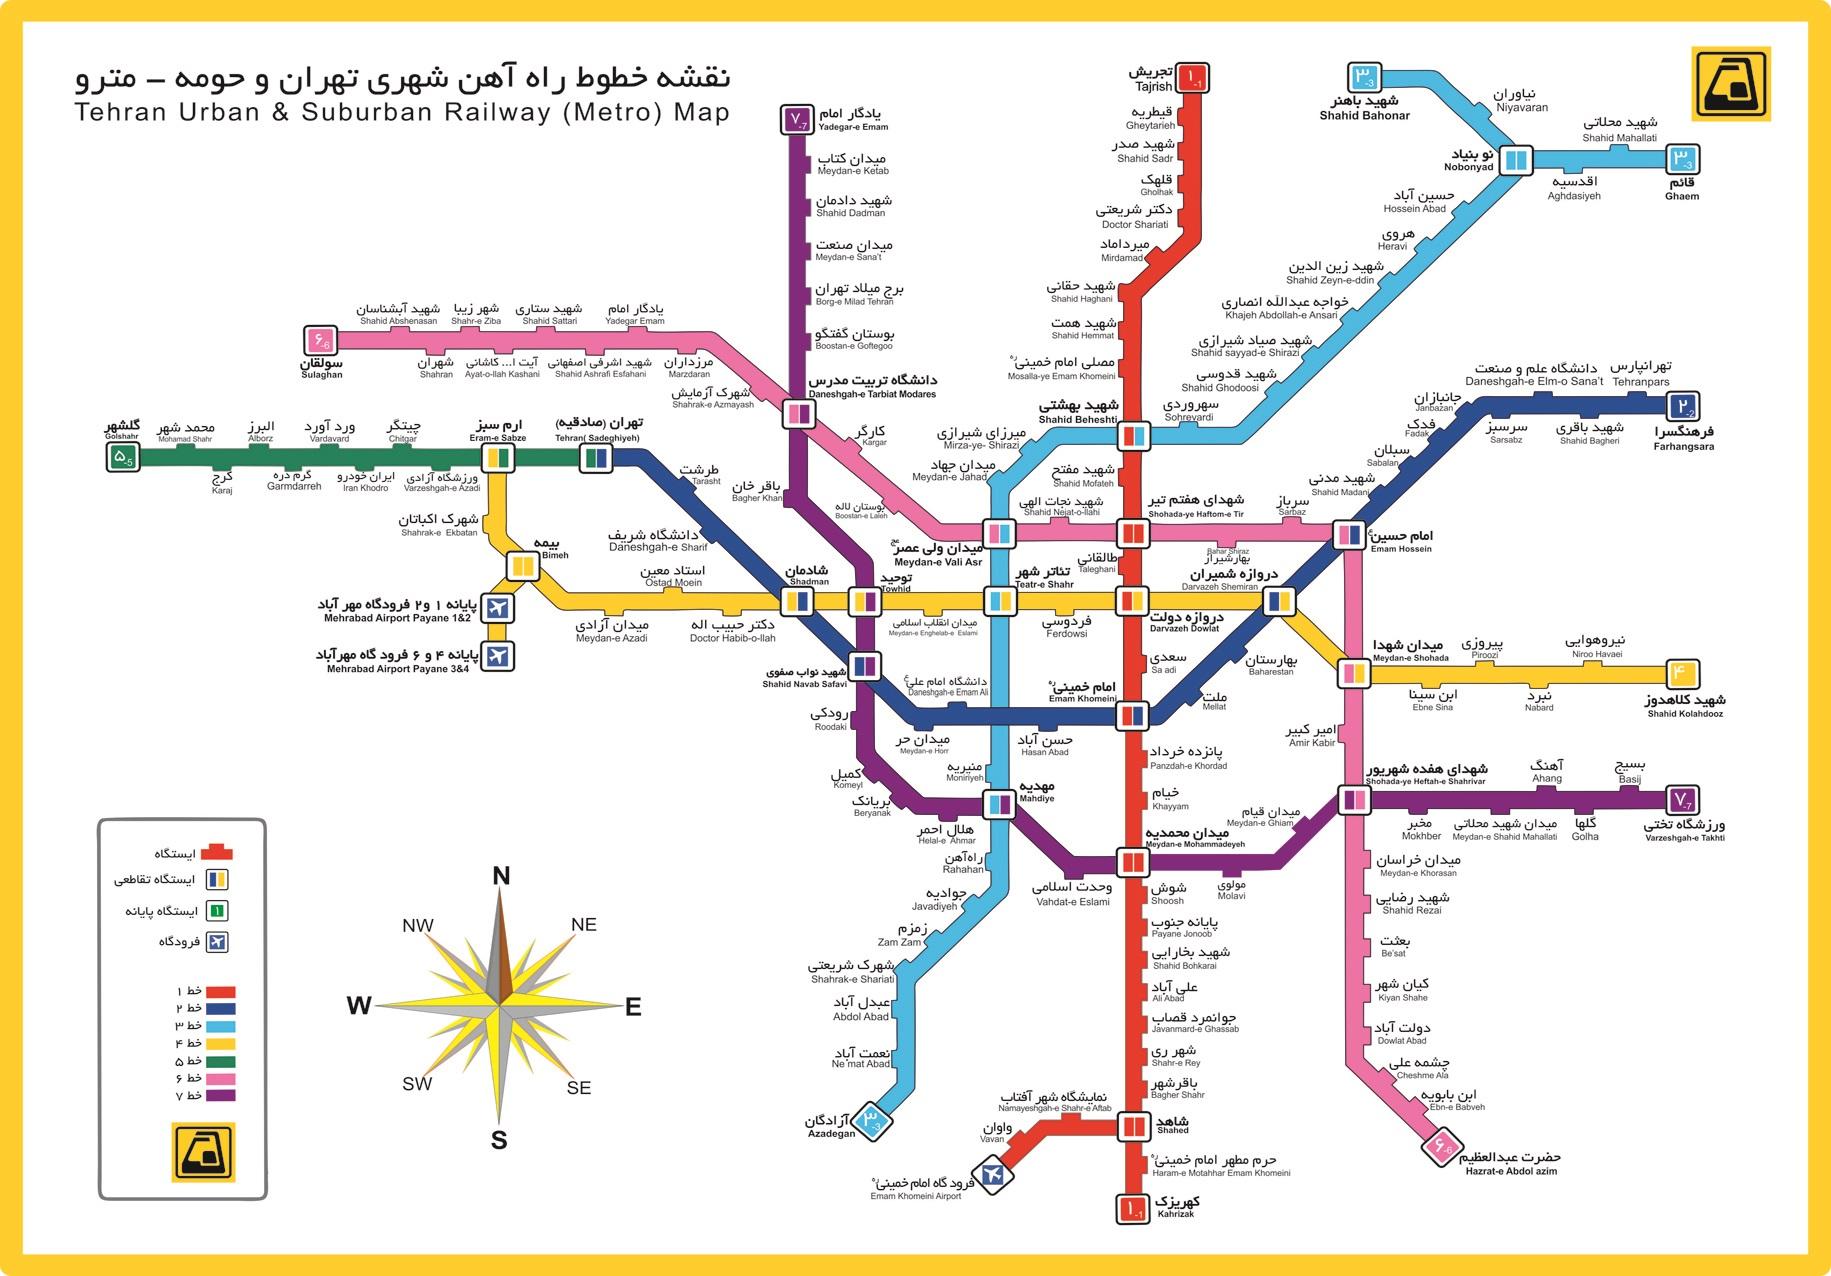 نقشه جدید متروی تهران در سال 96